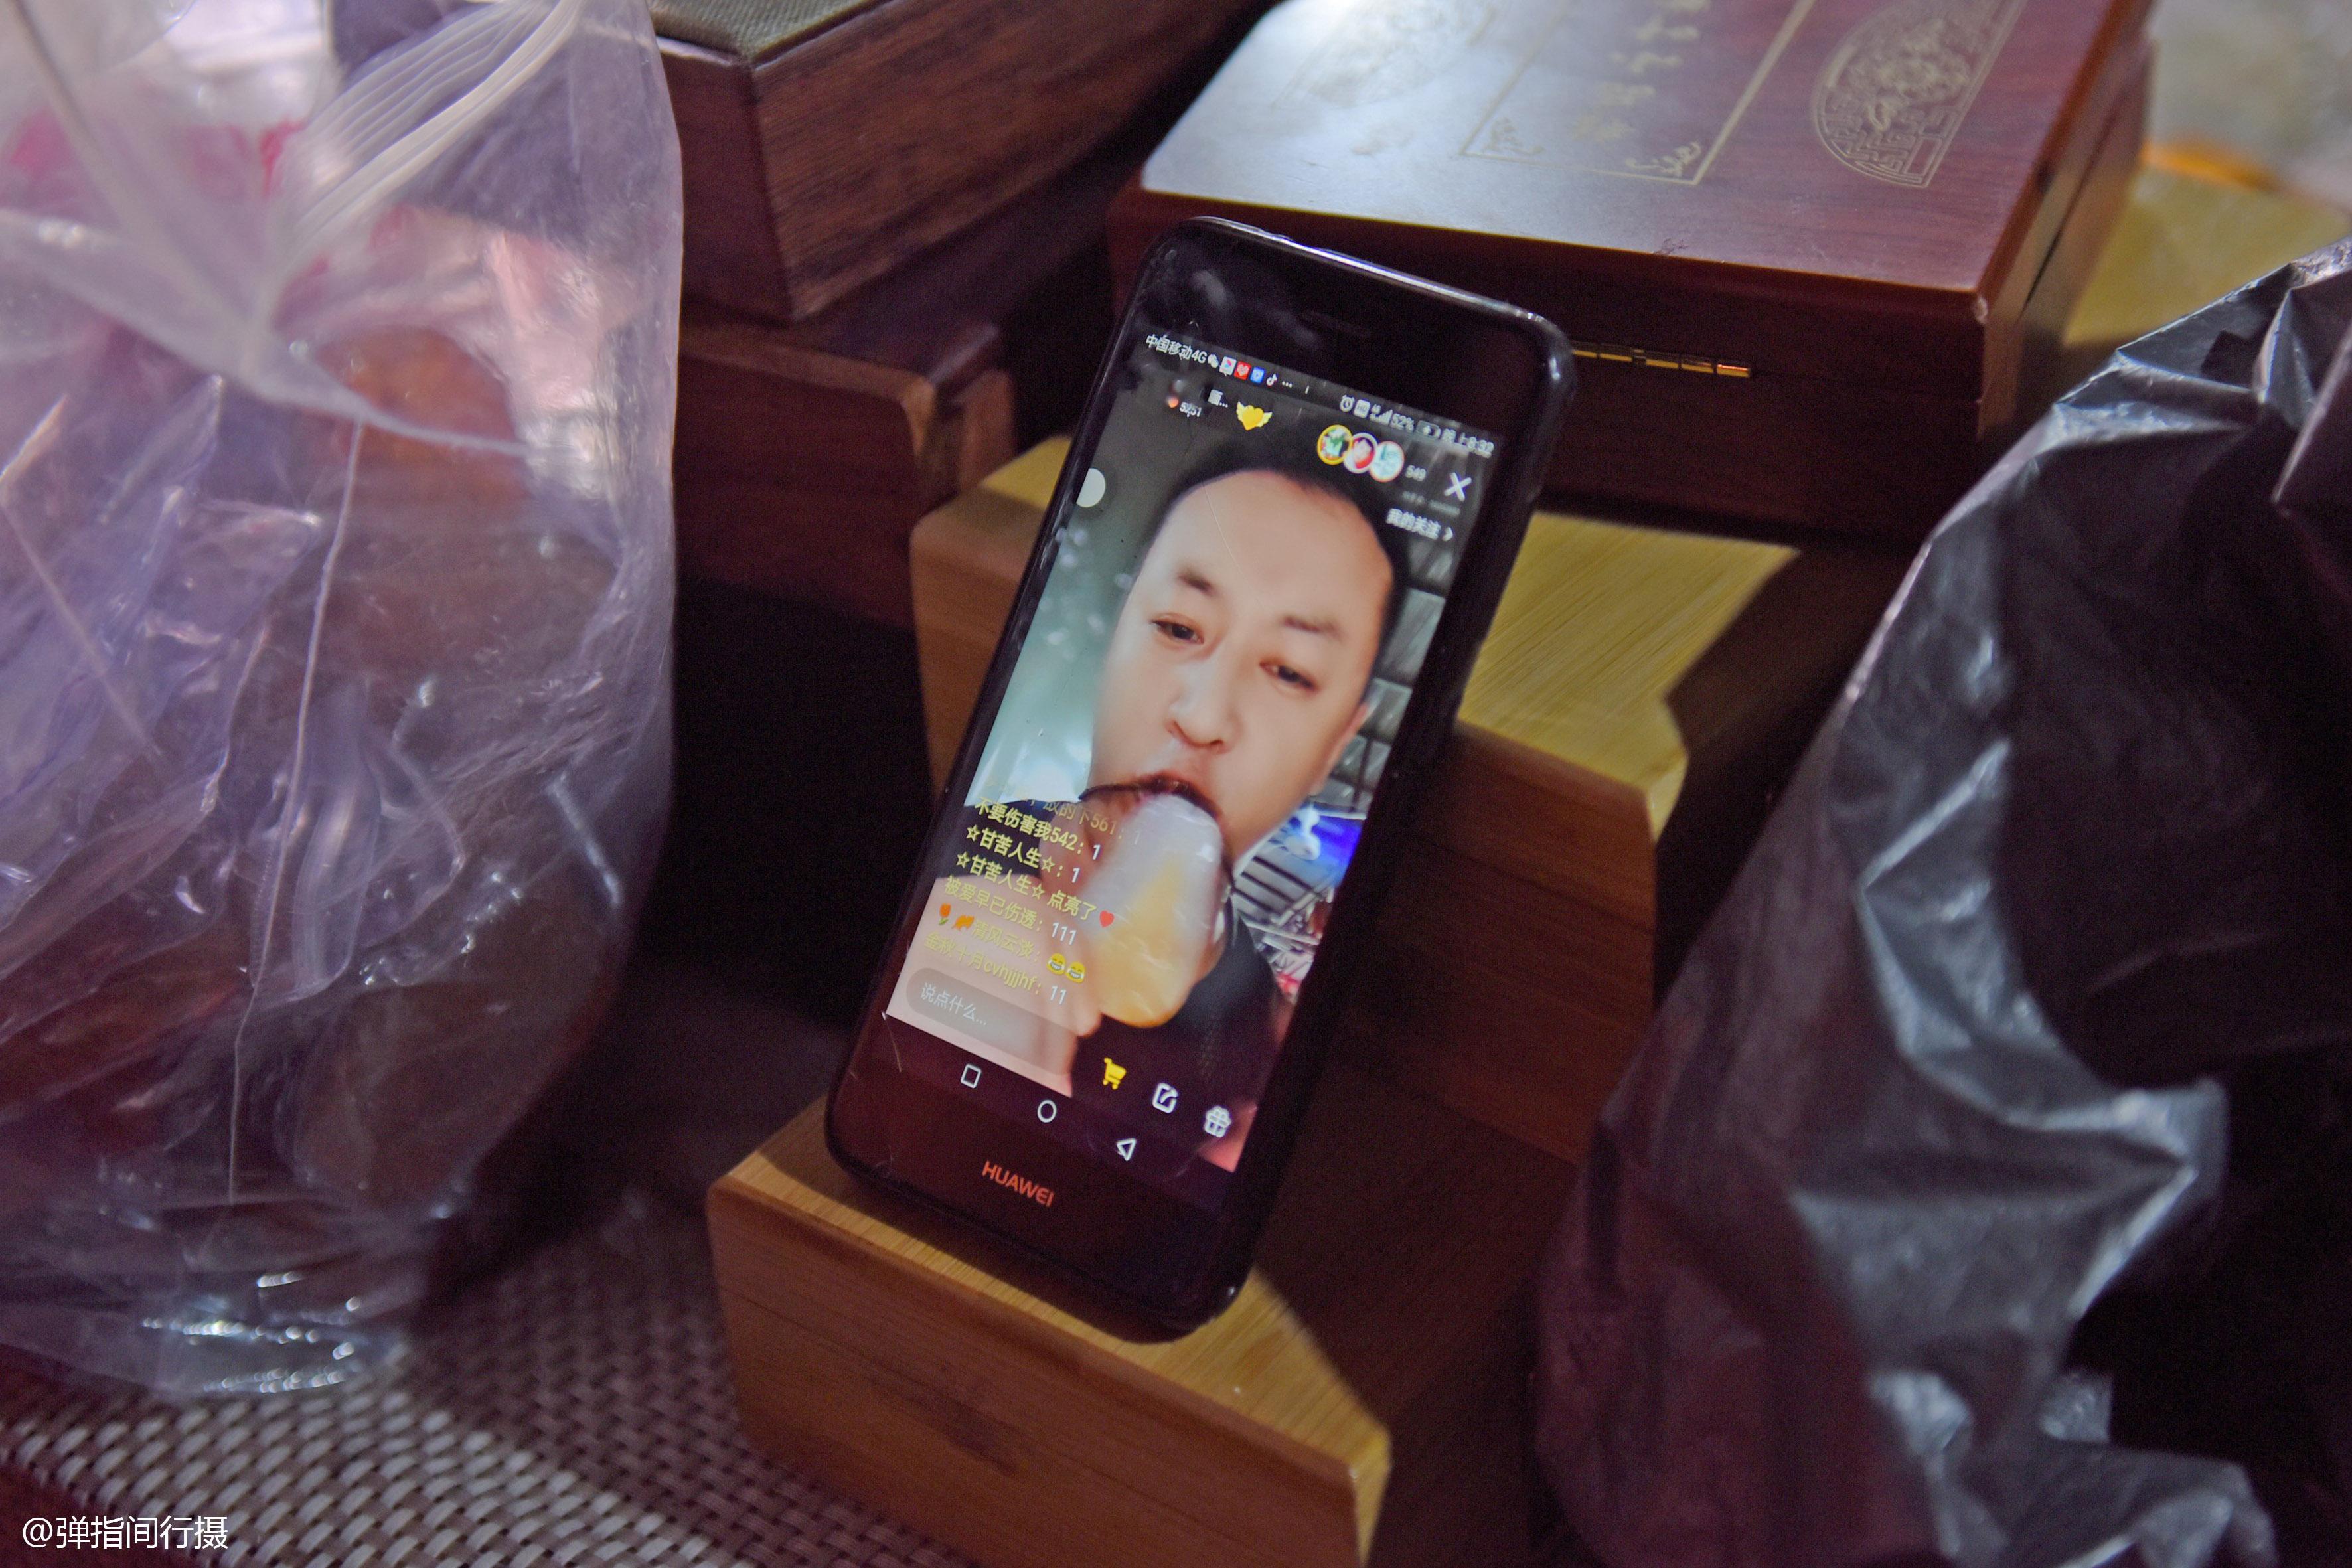 原創             云南瑞麗翡翠市場,網絡直播銷售最火爆,1個賬號日銷售額2000萬